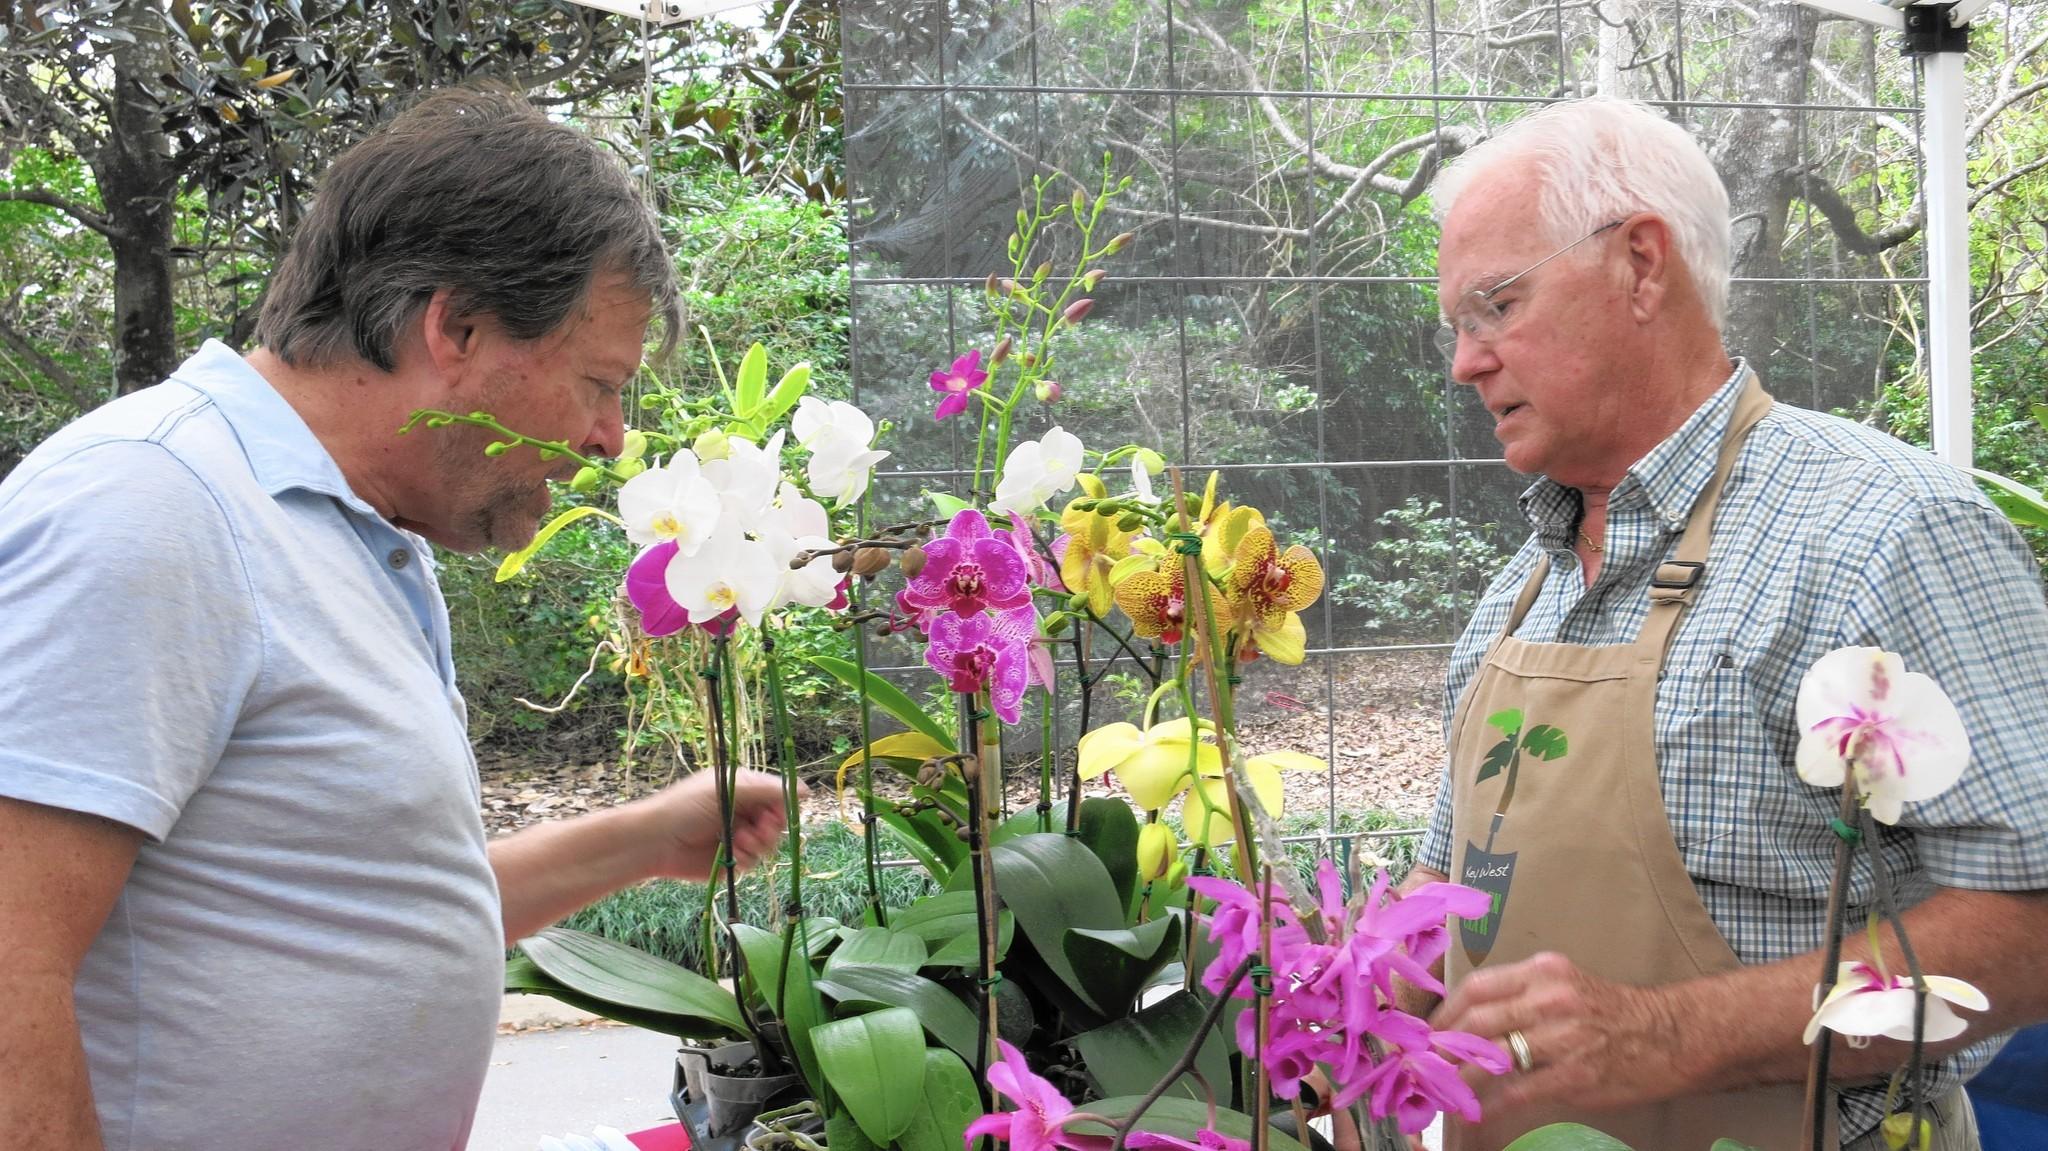 leu gardens spring sale draws thousands to plant u0027paradise